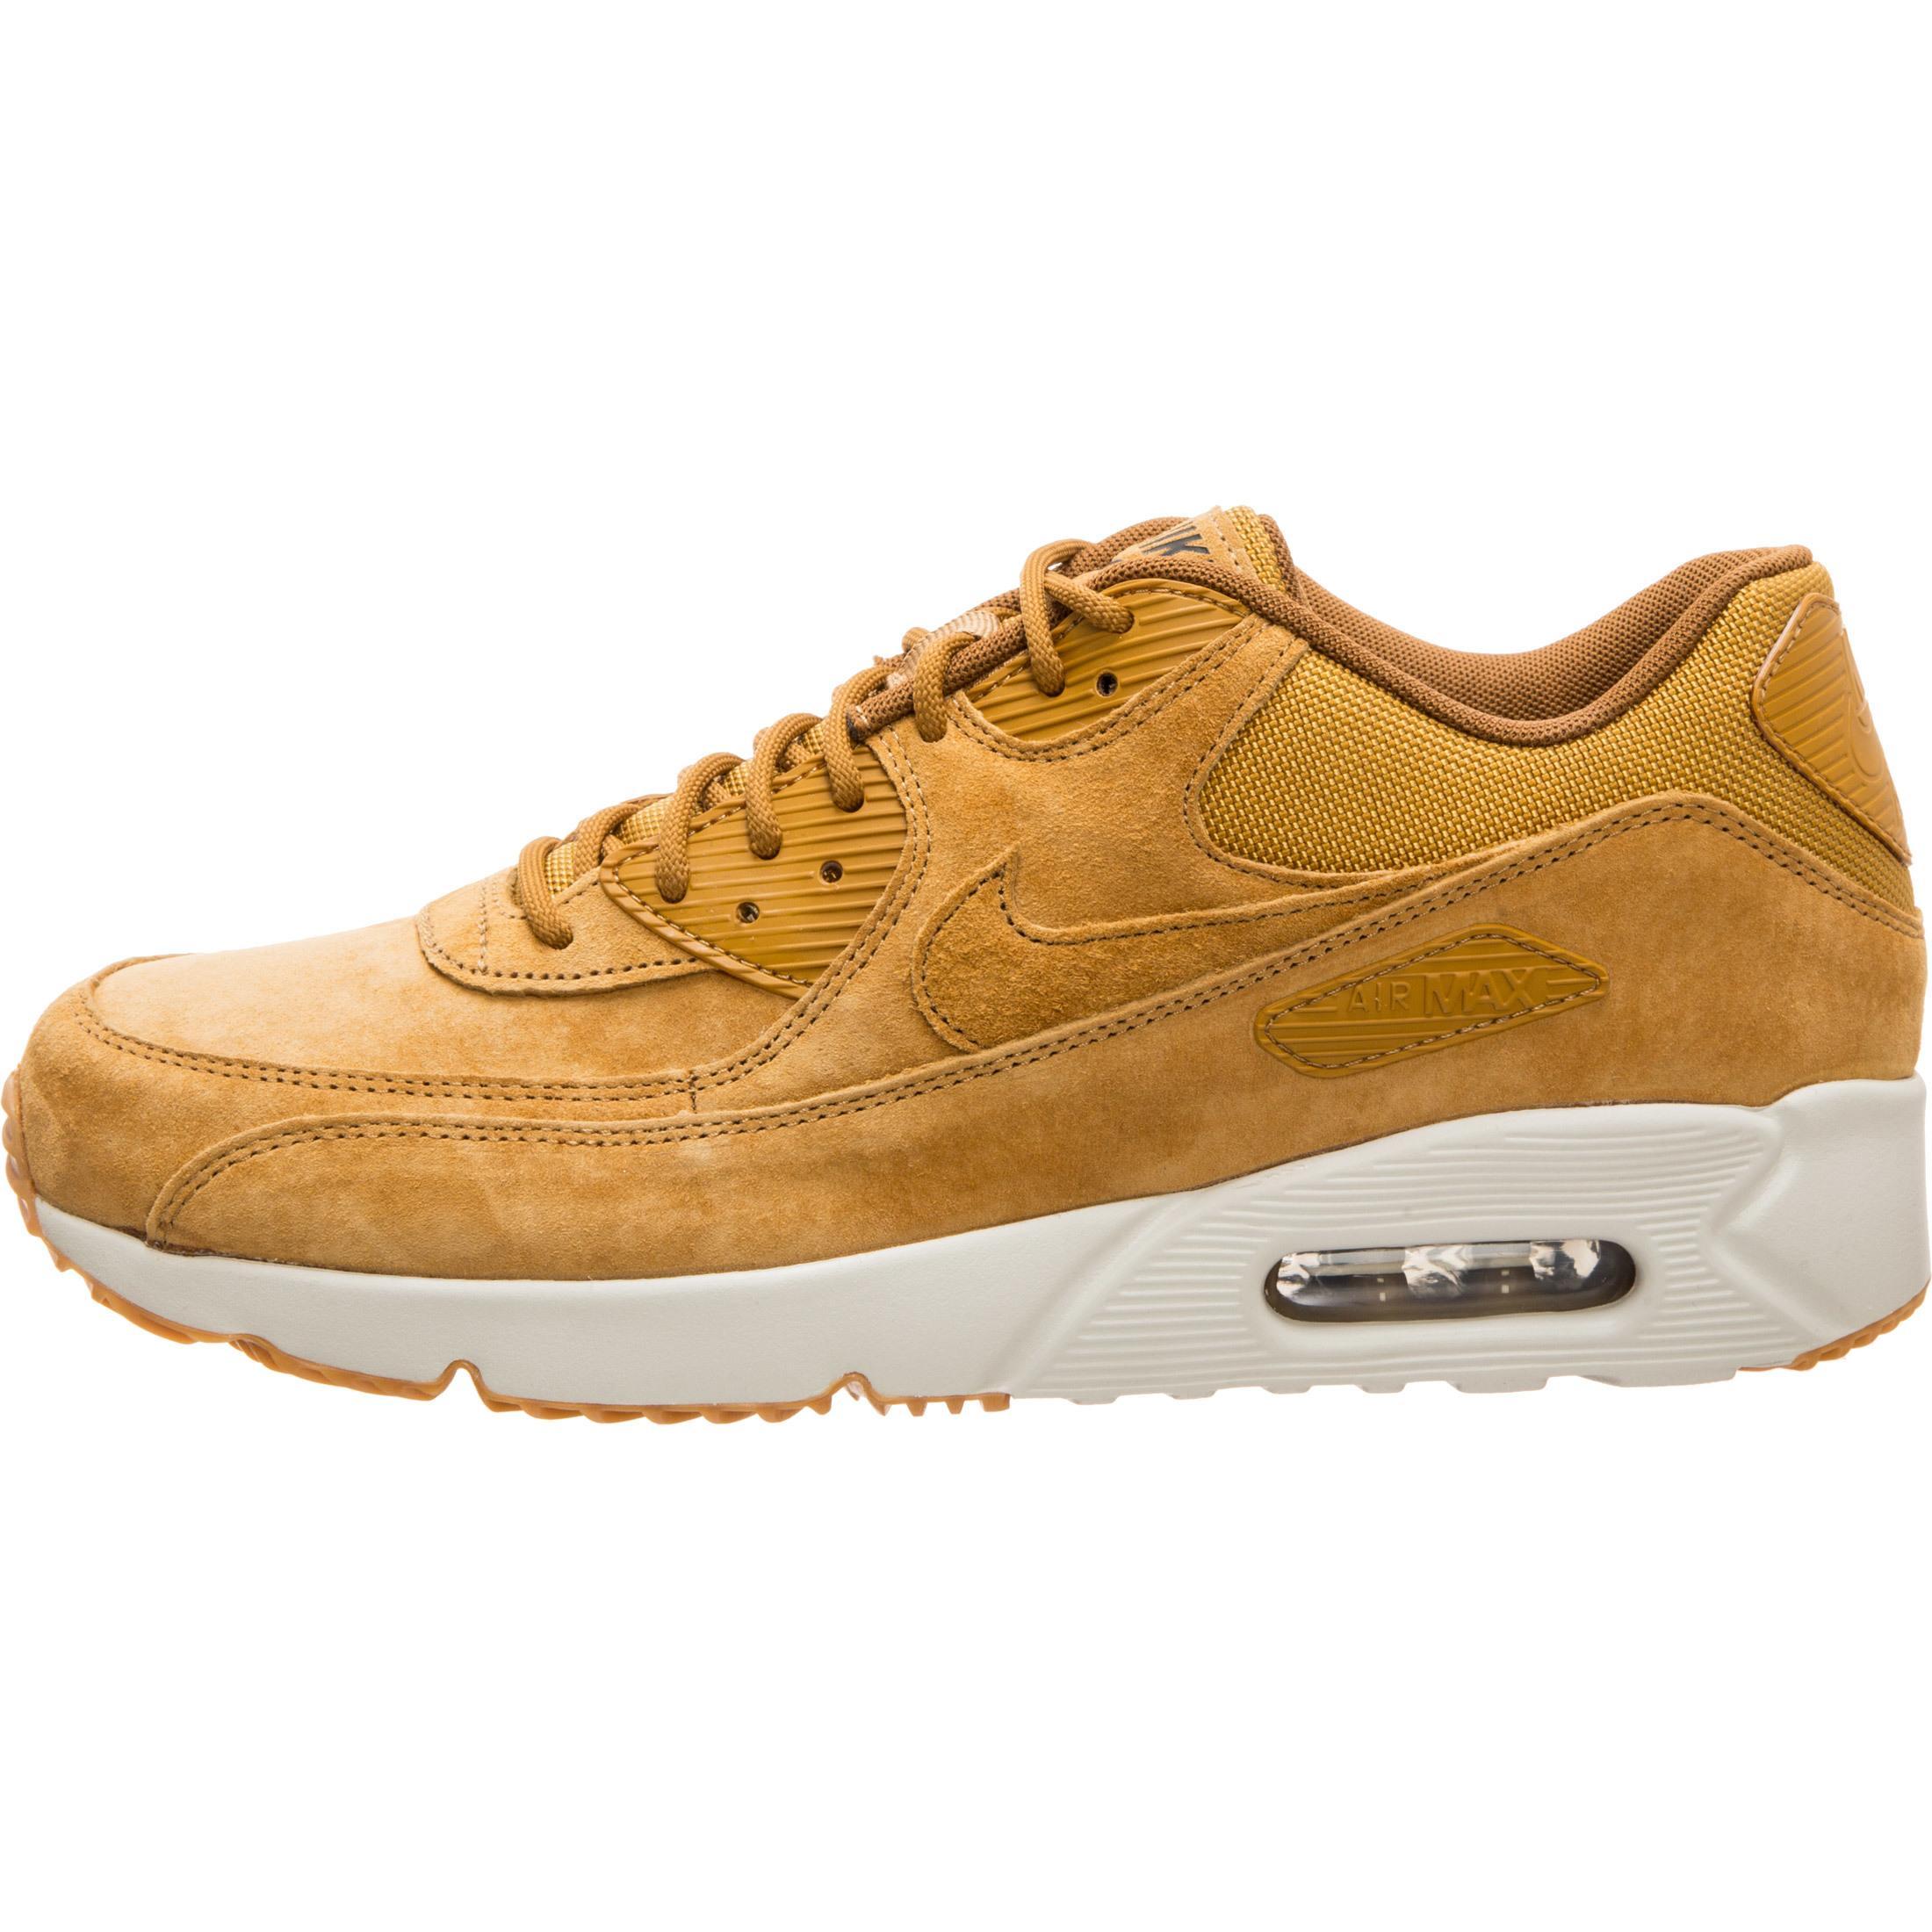 Nike Air Max 90 Ultra 2.0 Leather Sneaker Herren hellbraun beige im Online Shop von SportScheck kaufen